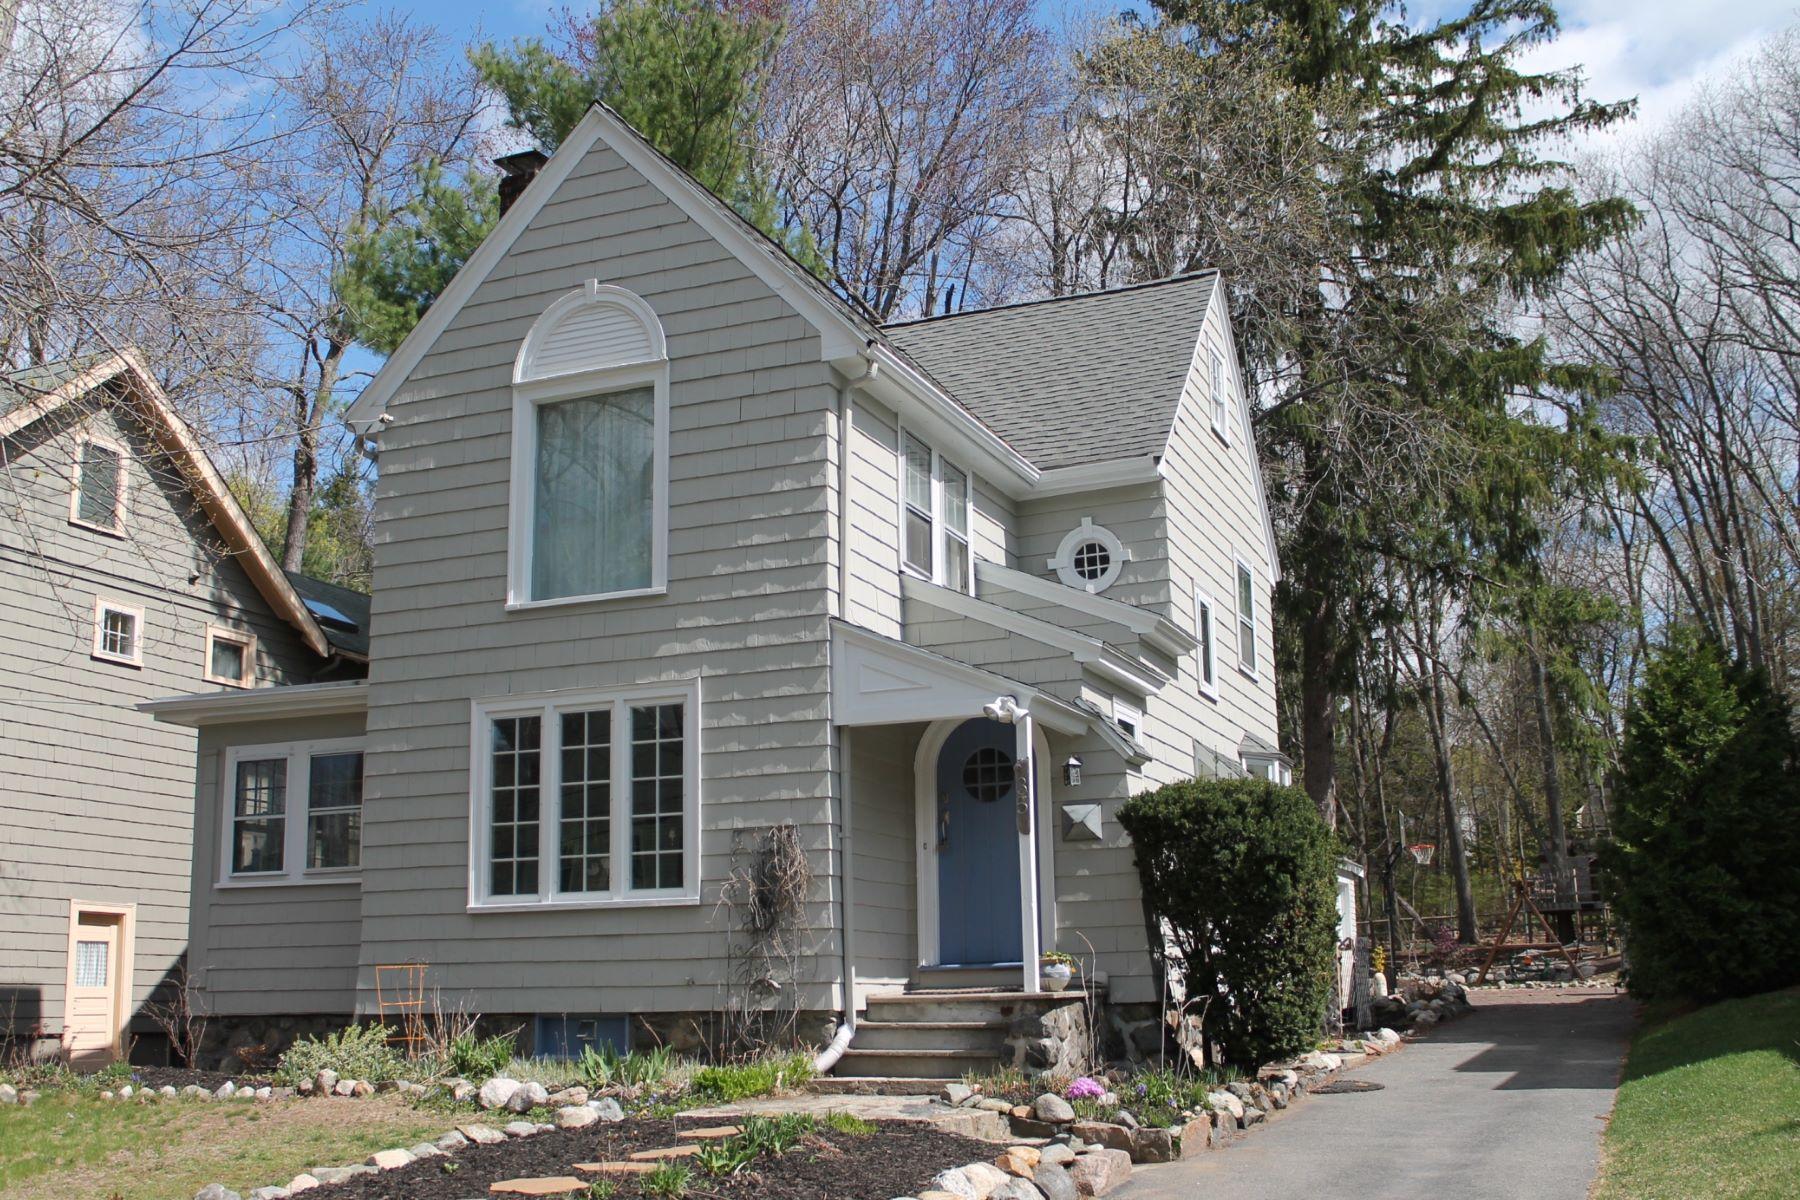 Частный односемейный дом для того Продажа на Prospect Hill! 35 Downing Road Lexington, Массачусетс, 02421 Соединенные Штаты